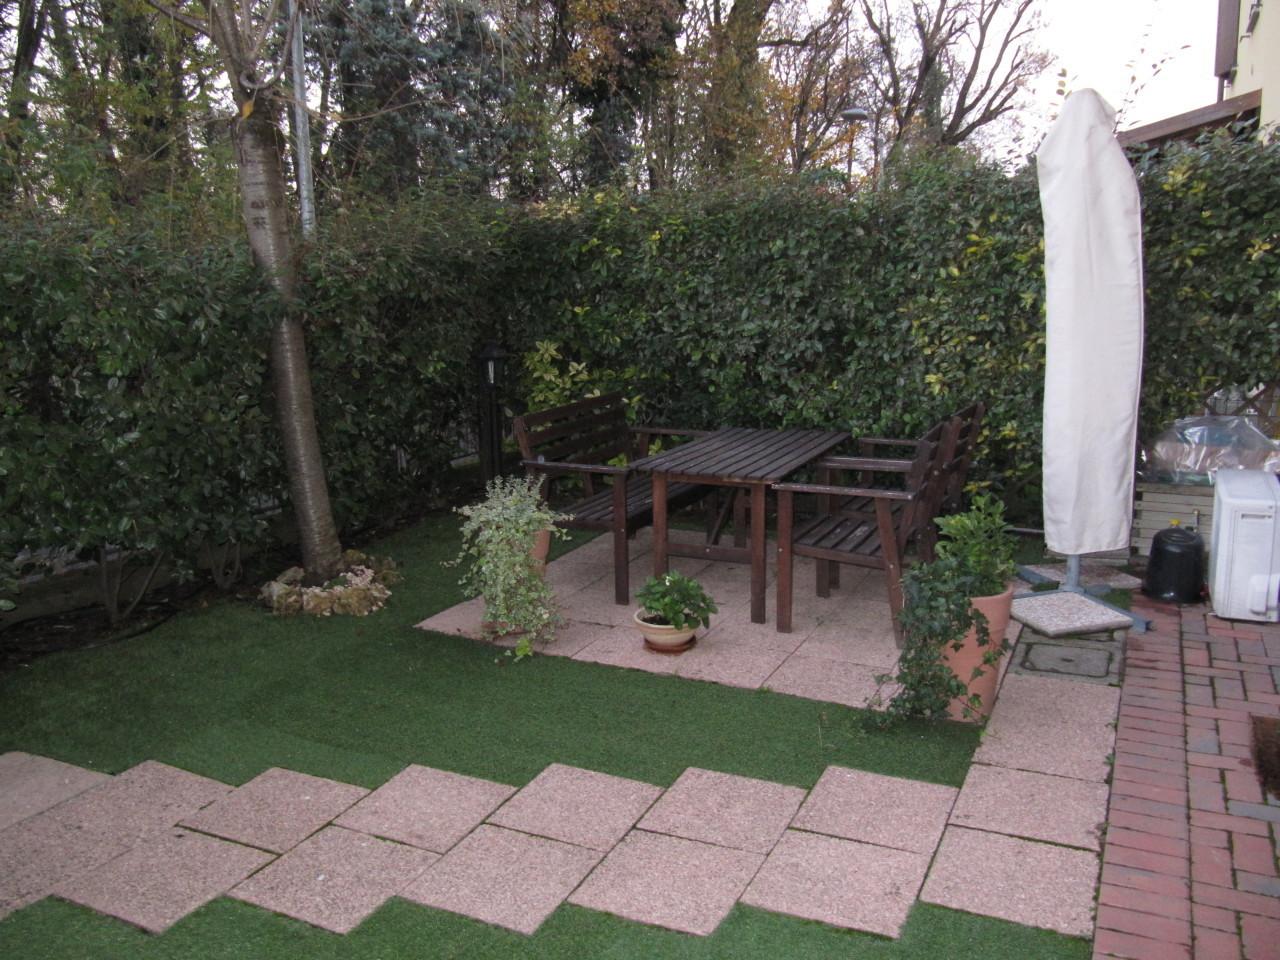 Appartamento in vendita a Parma, 3 locali, prezzo € 190.000 | Cambio Casa.it